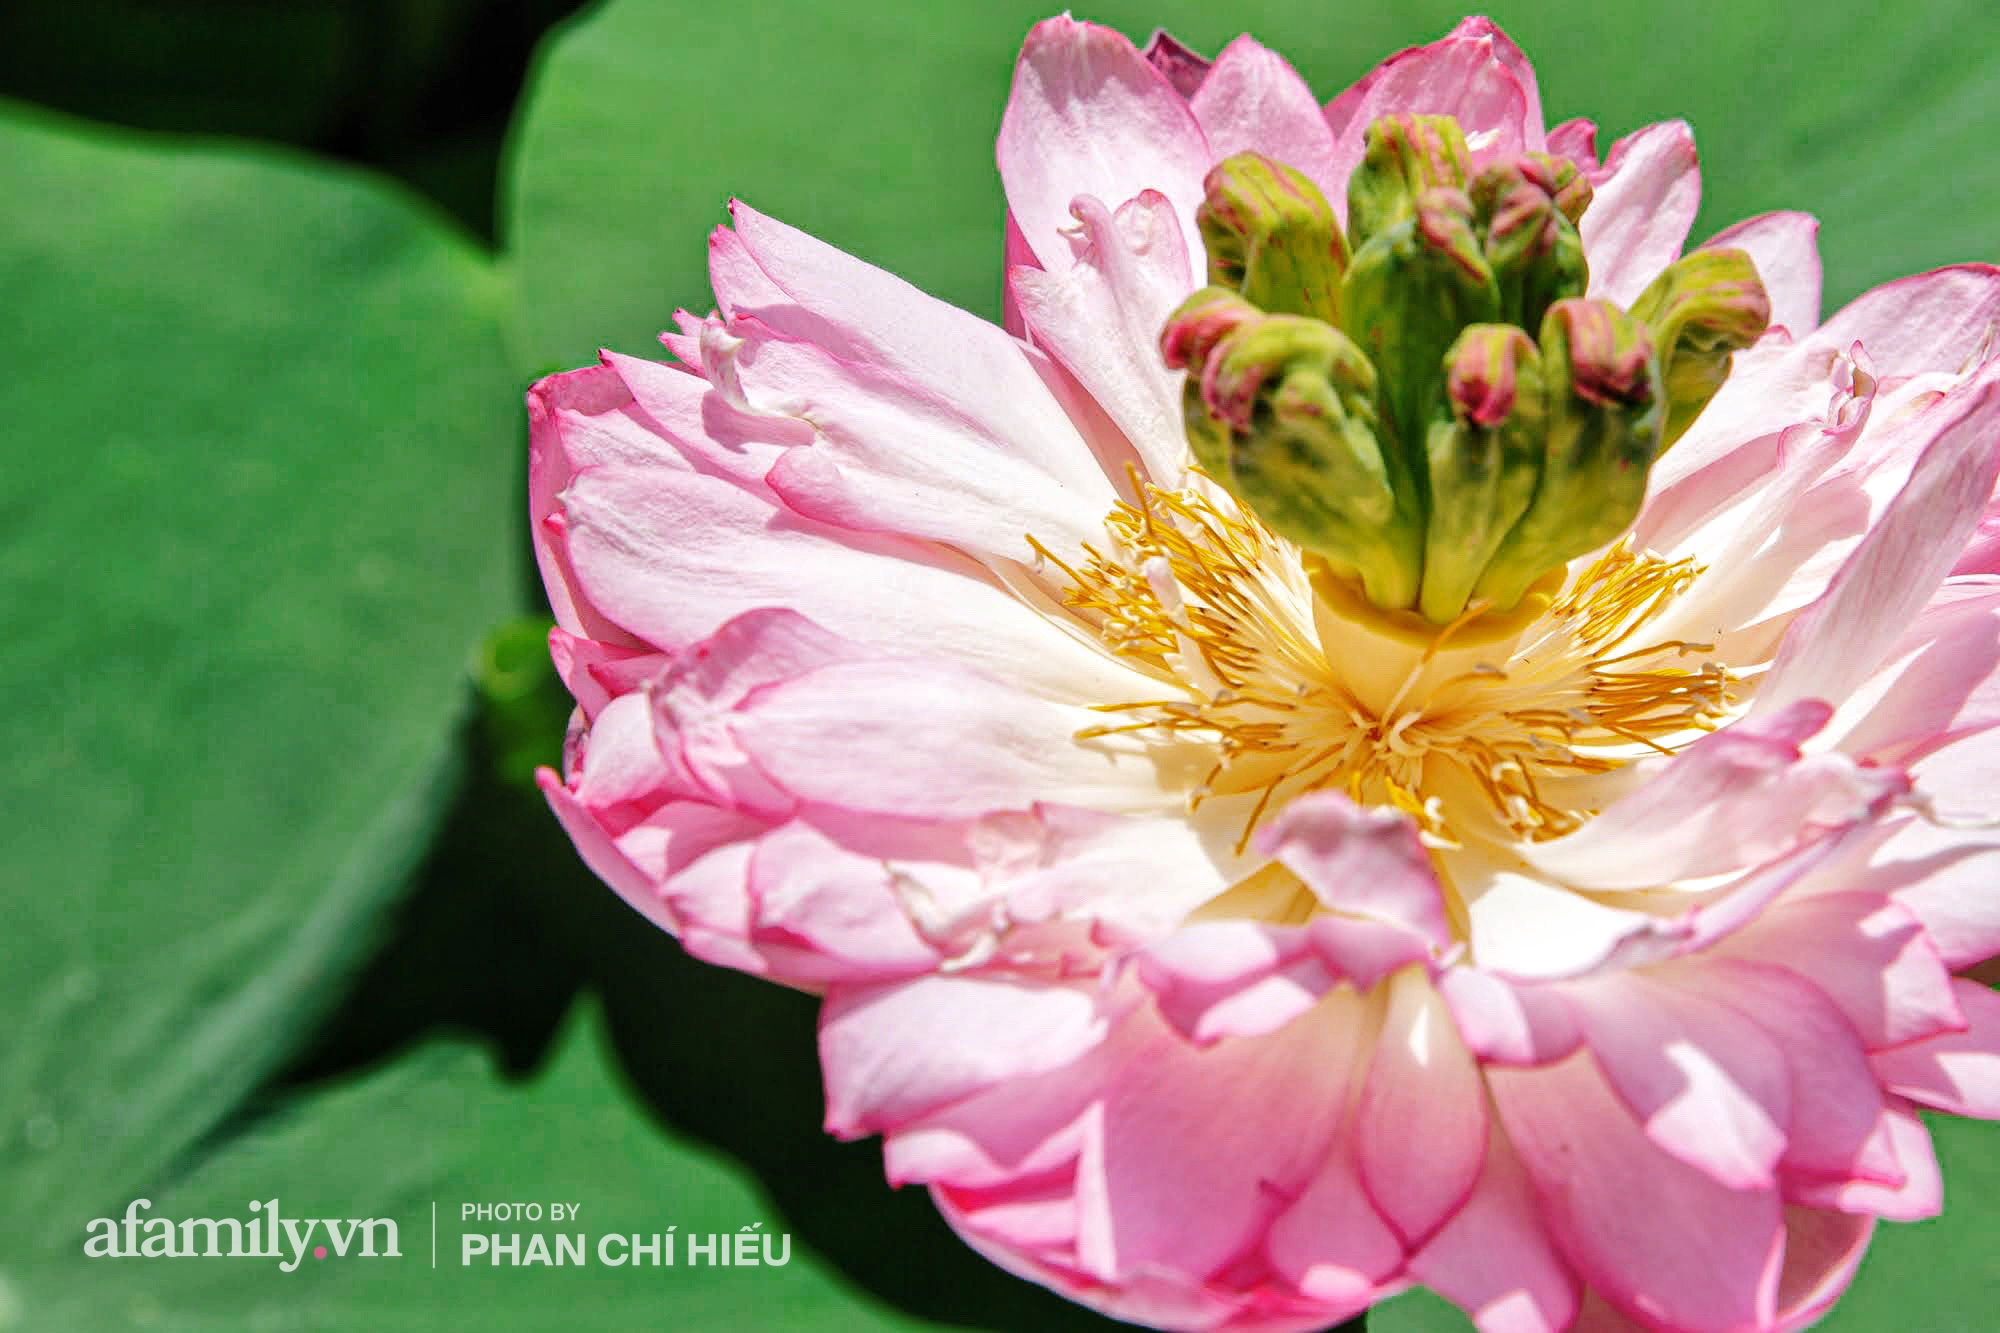 Độc đáo với thú chơi sen cung đình Huế tại Hà Nội, nở hoa tuyệt đẹp giữa ngôi nhà cổ trăm năm tuổi khiến bao người mê mẩn - Ảnh 6.